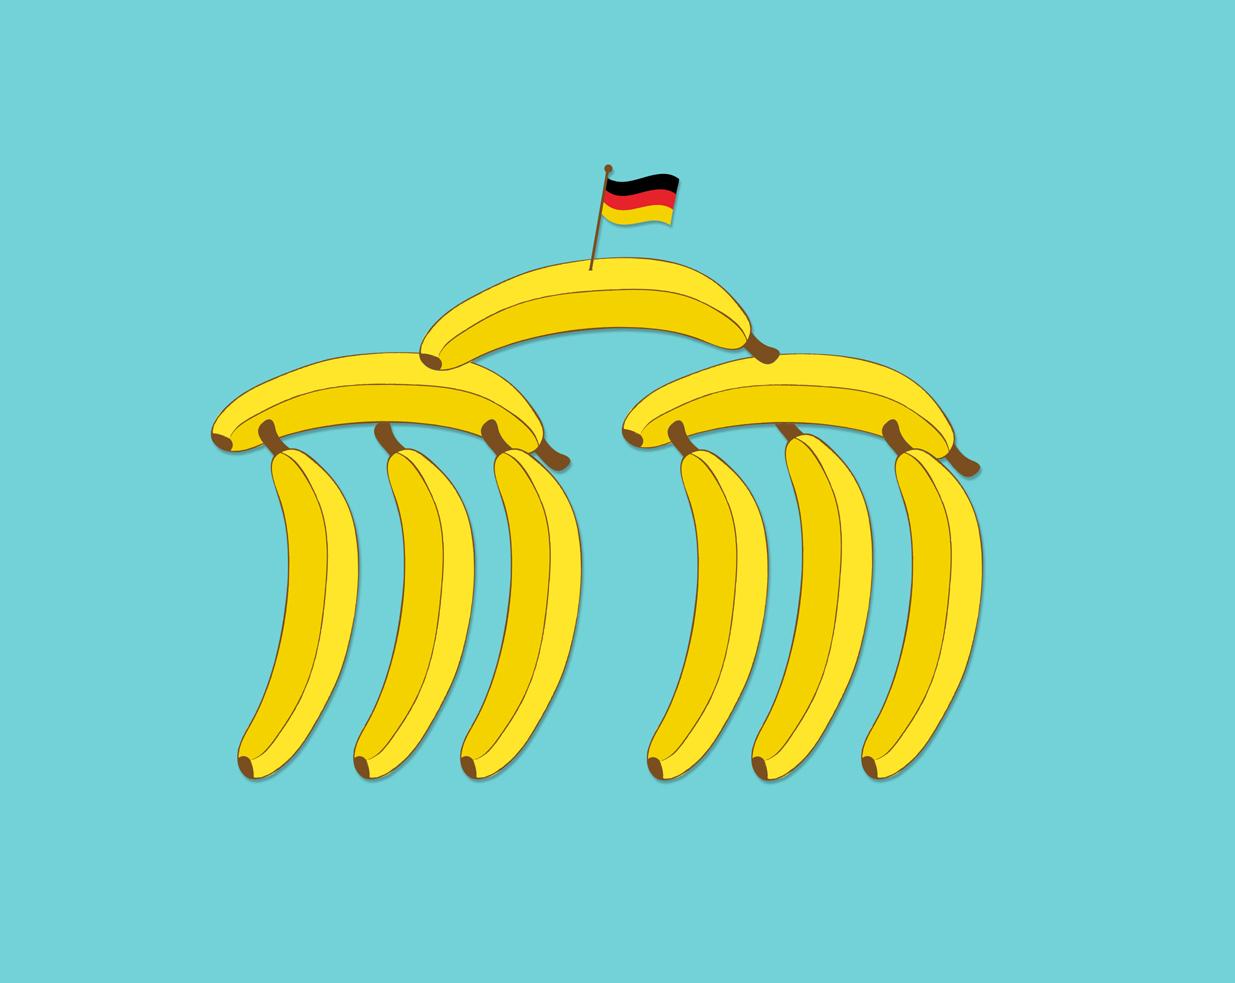 Bananentor